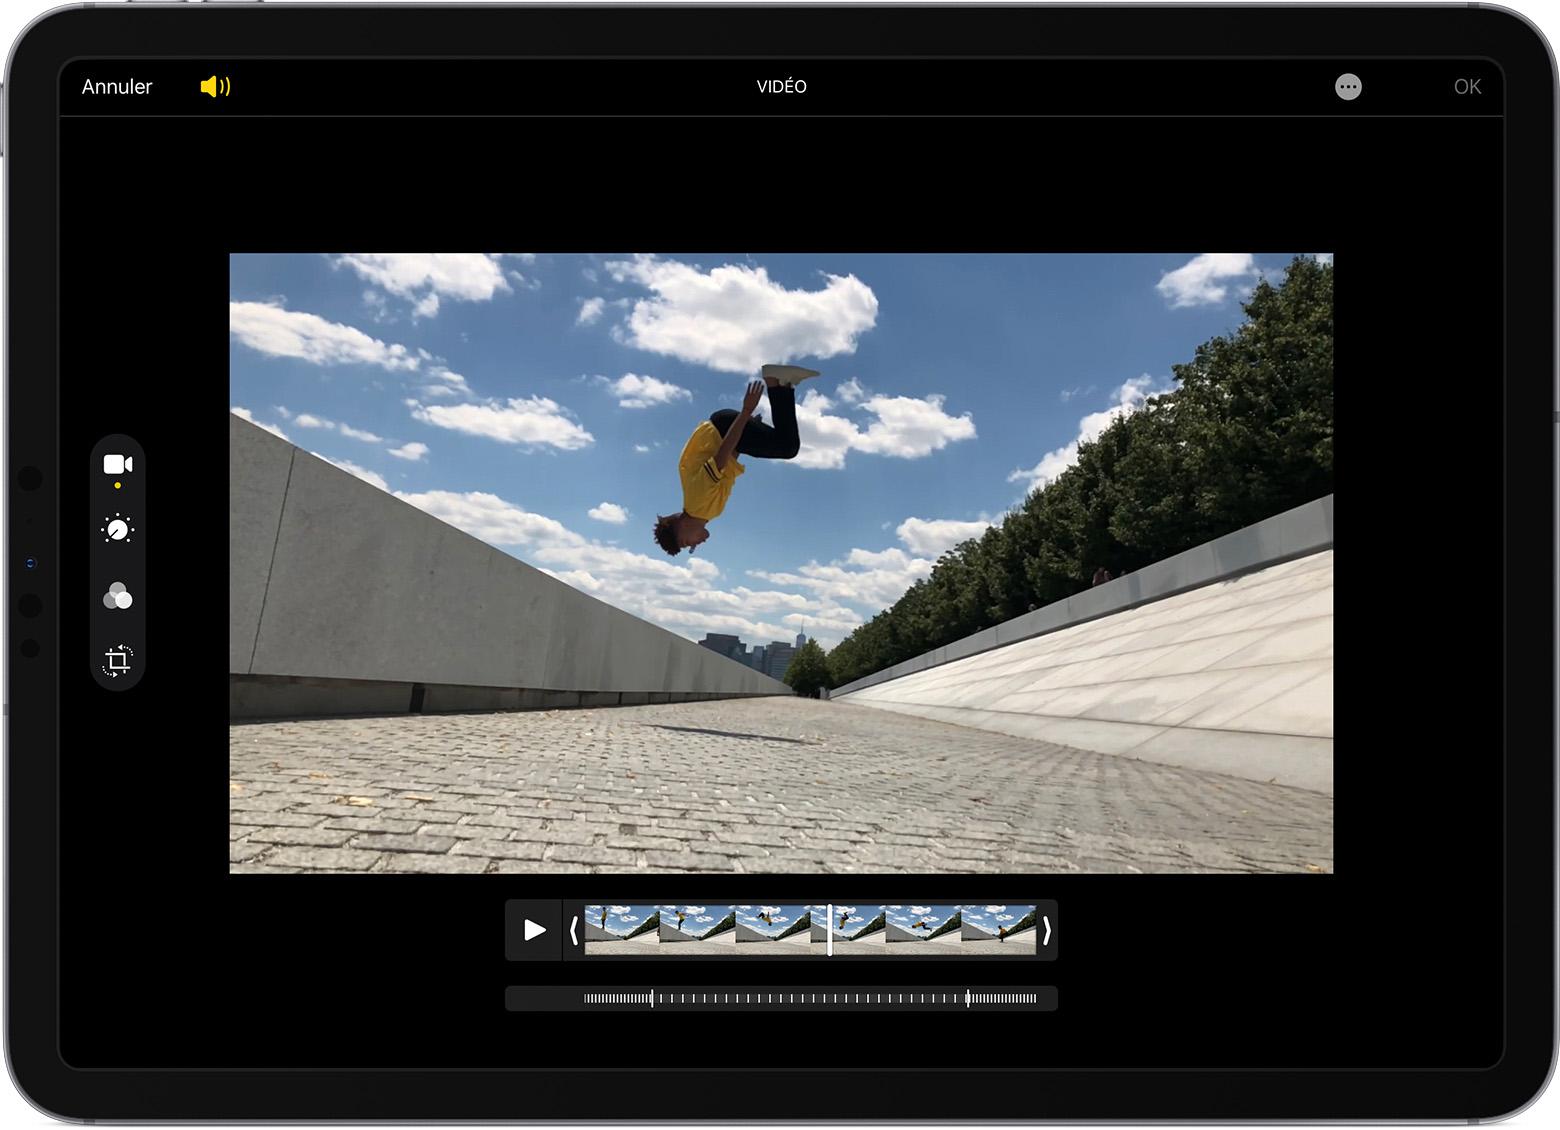 Comment Modifier Des Vidéos Sur Iphone Ipad Ipod Touch Ou Mac Assistance Apple